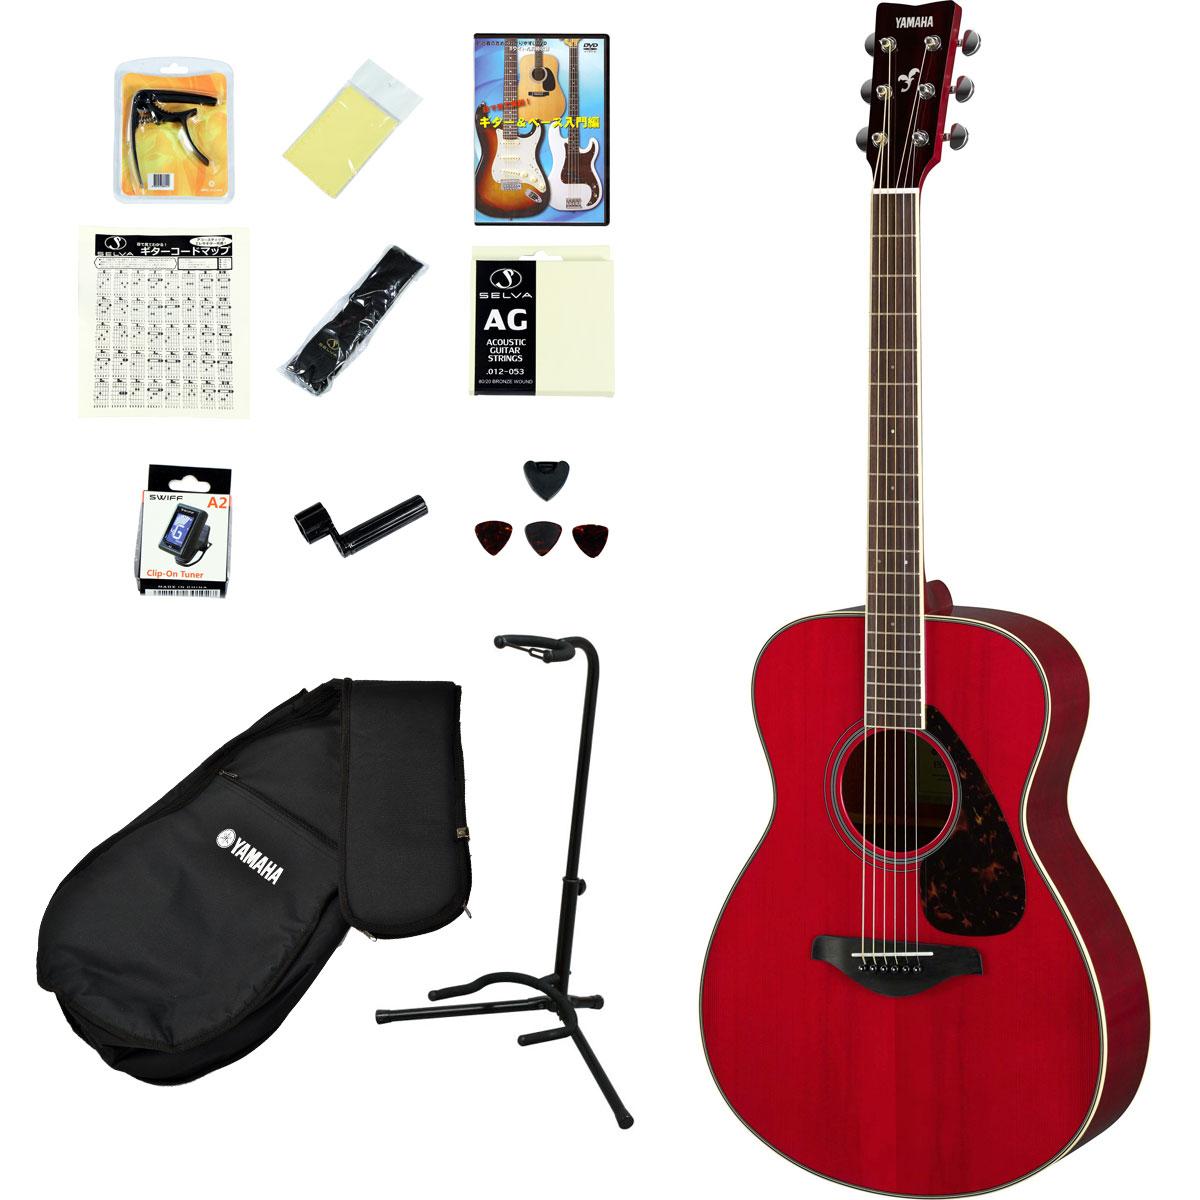 YAMAHA / FS820 RR(ルビーレッド) 【アコースティックギター14点入門セット!】 ヤマハ フォークギター アコギ FS-820 入門 初心者【YRK】